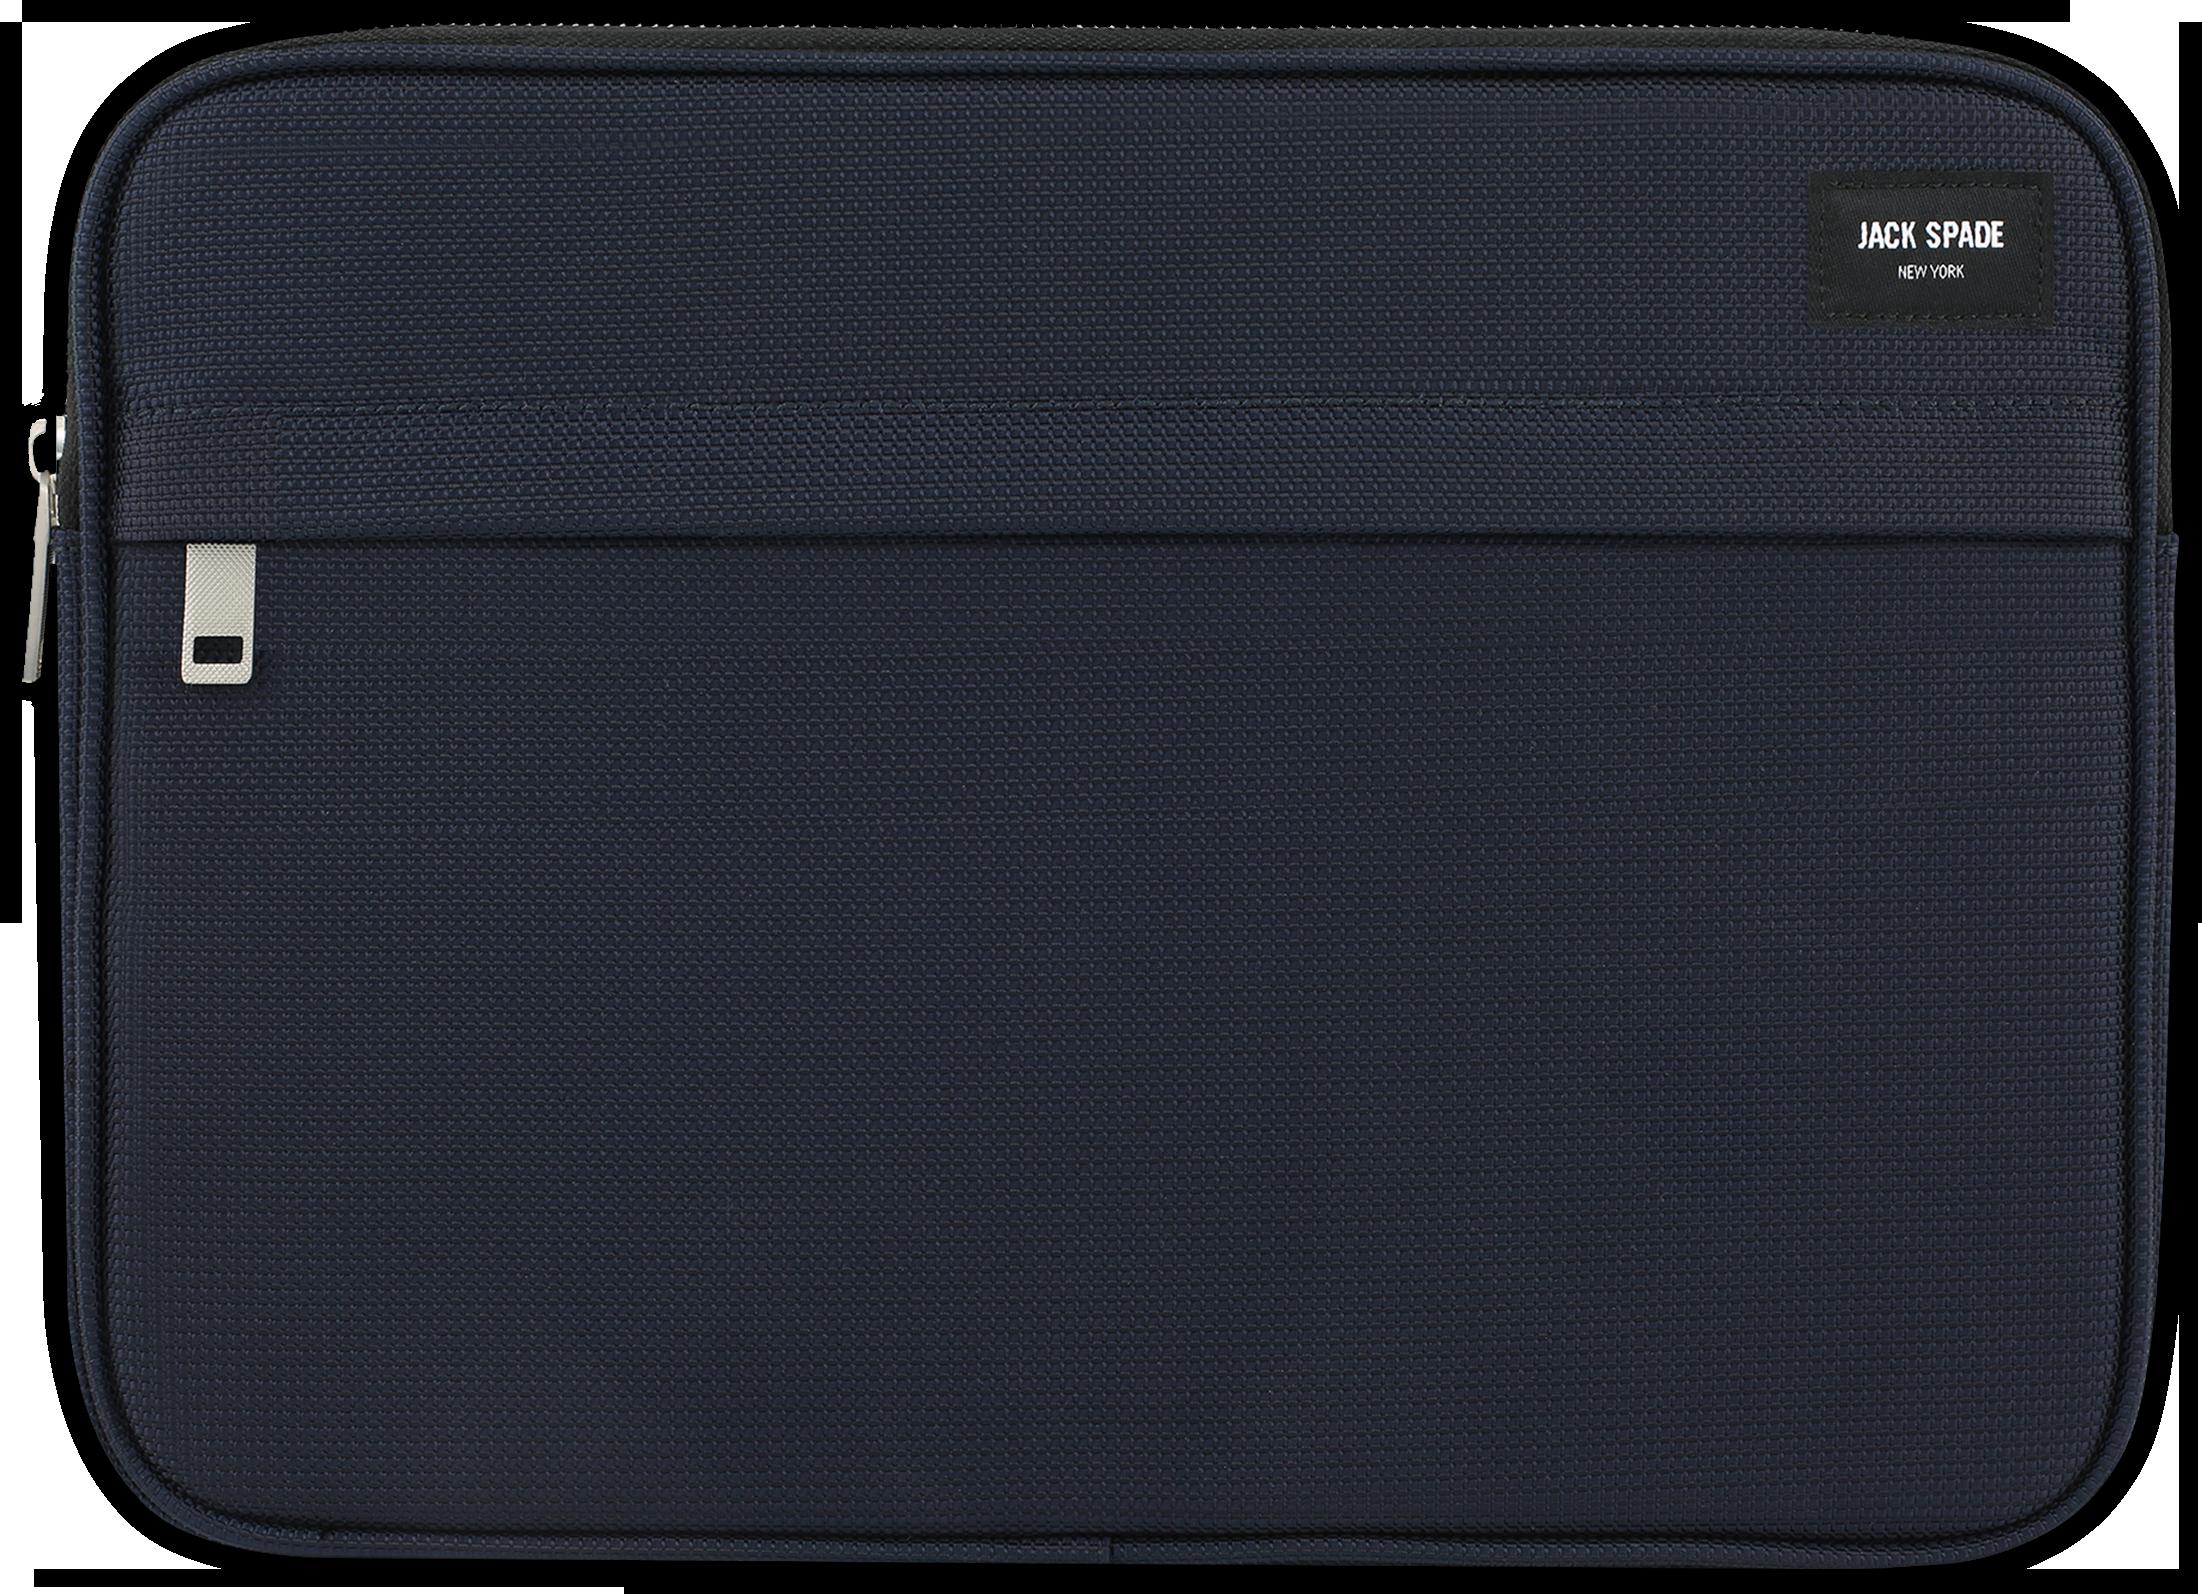 Jack Spade Zip Sleeve for Surface Pro 3 (Luggage Nylon Navy)